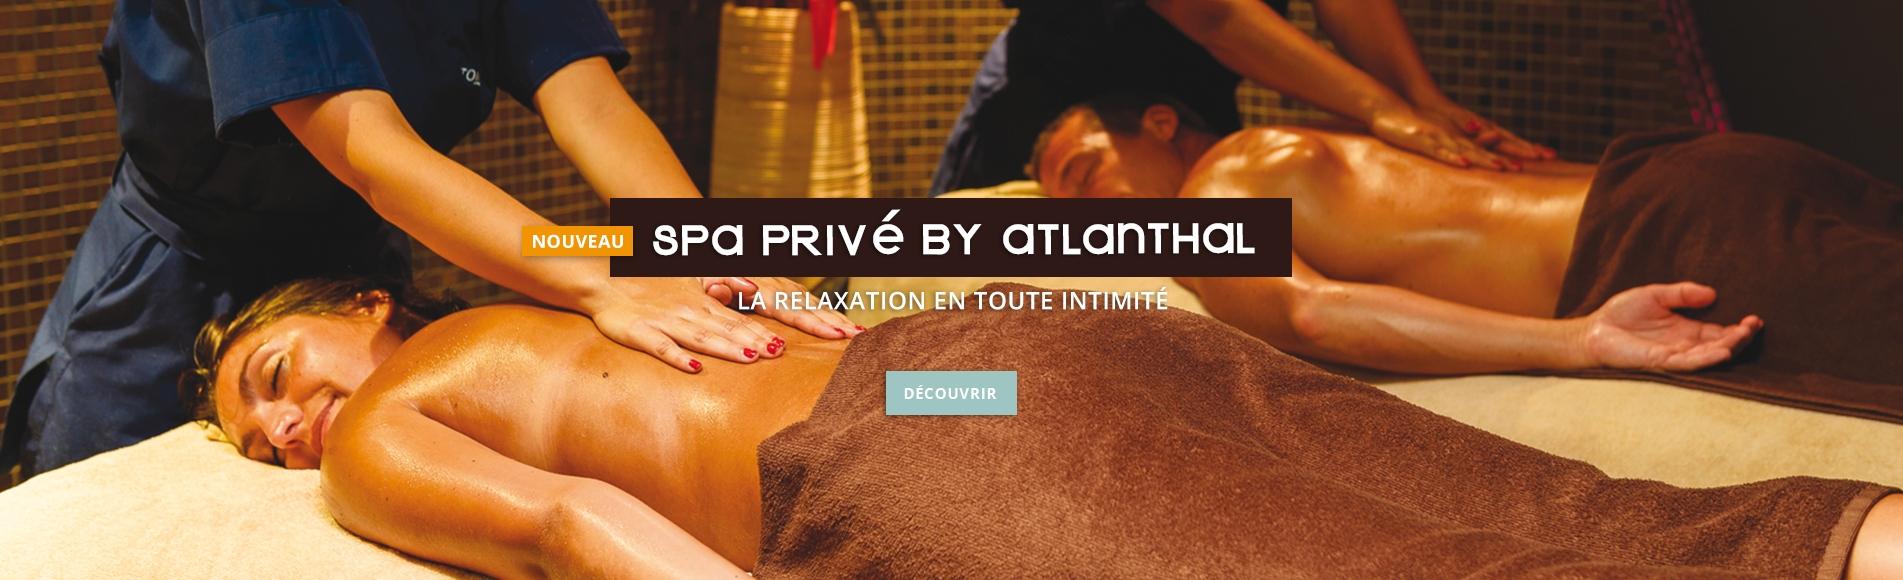 Spa Privé by Atlanthal